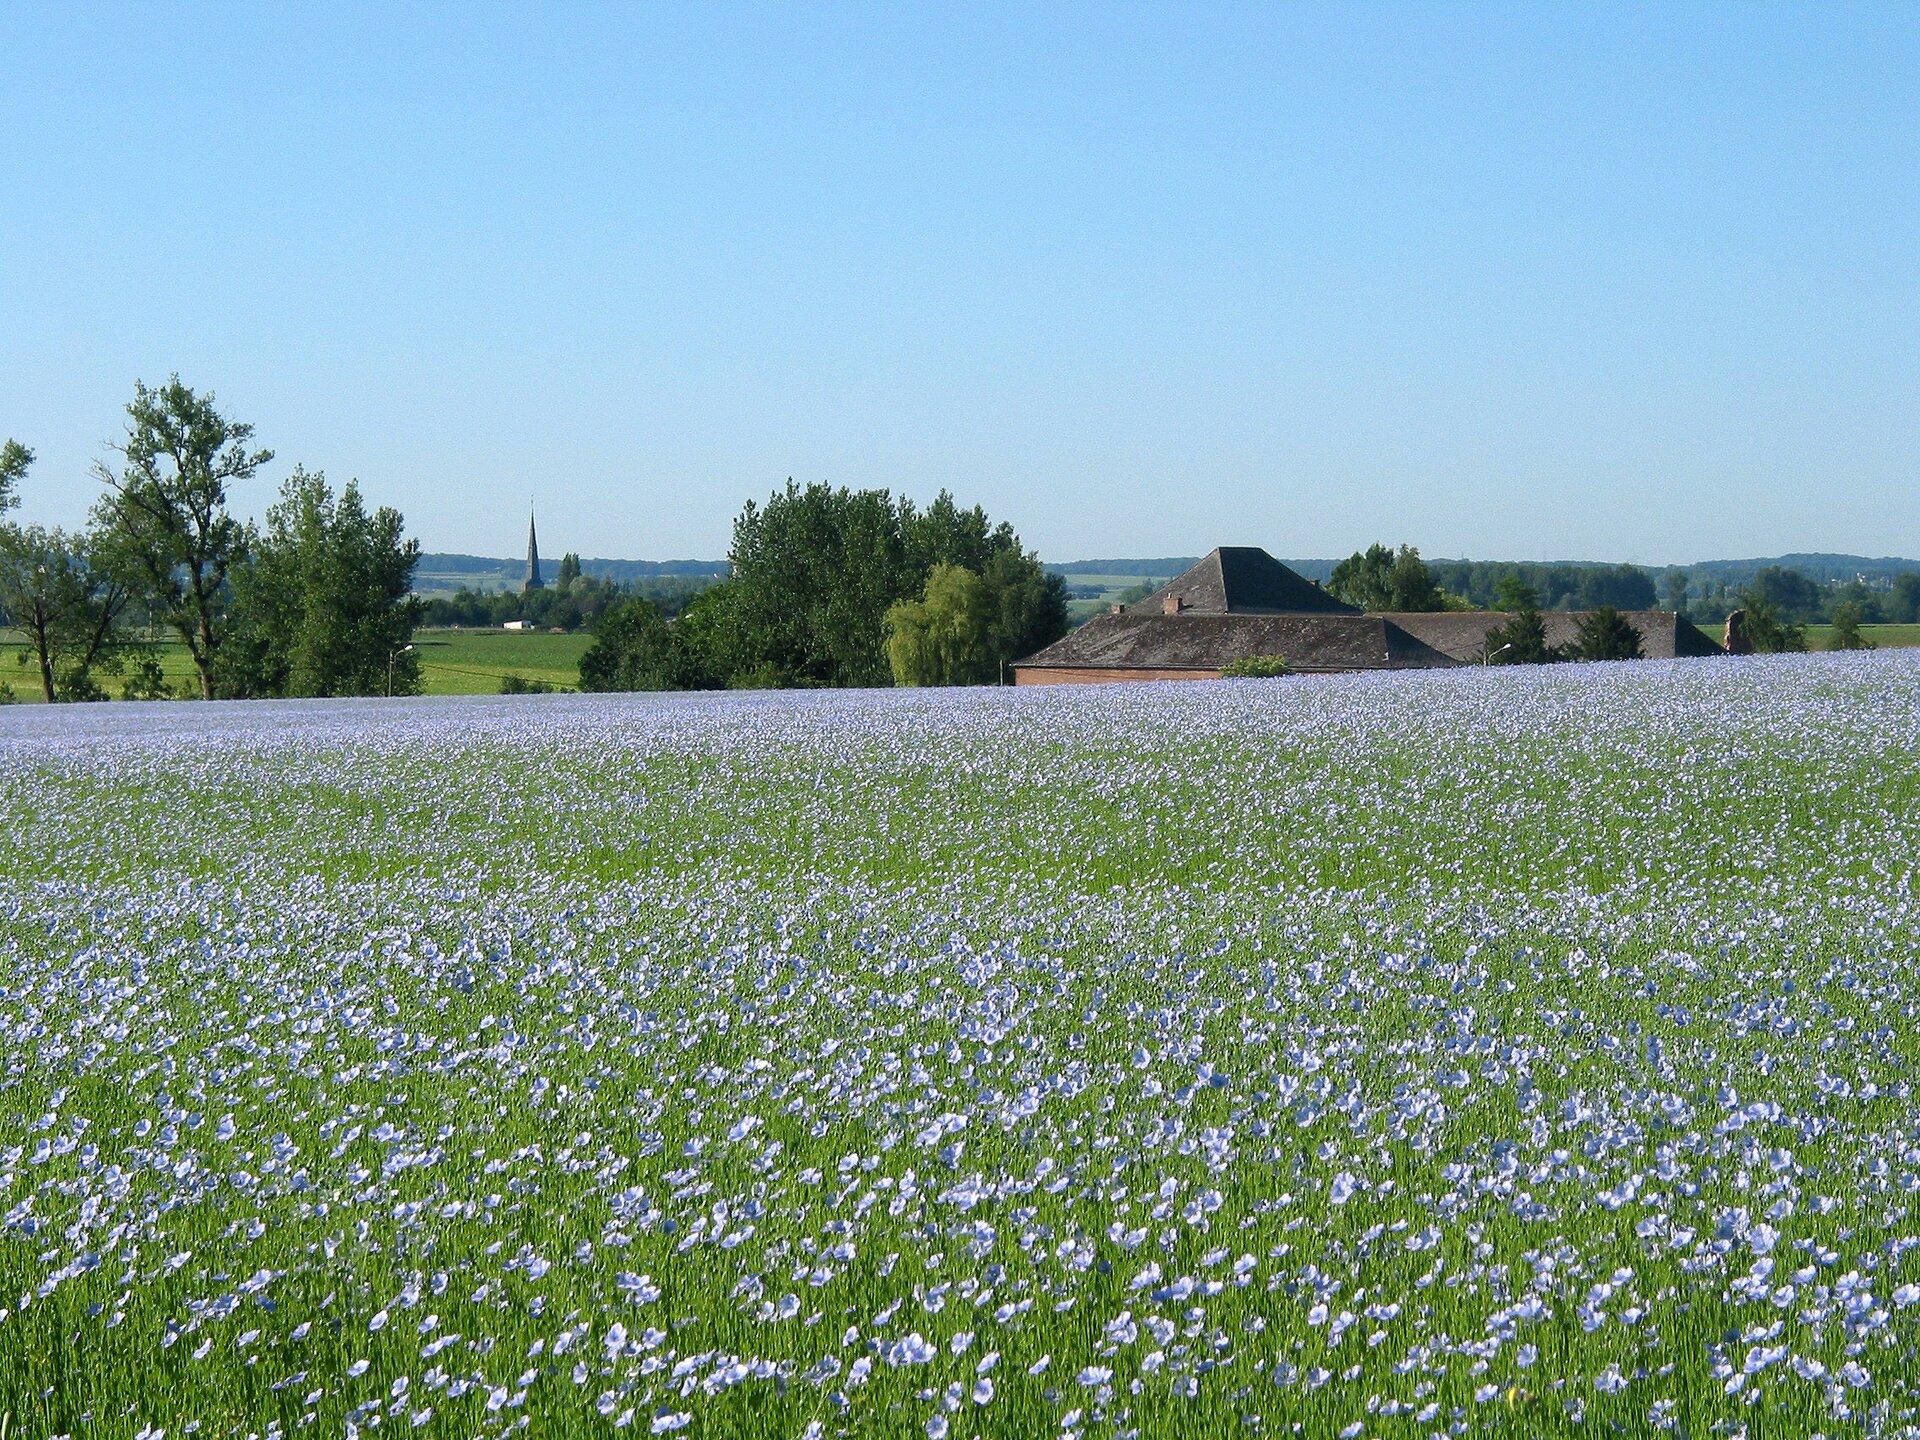 Na zdjęciu pole lnu. Pole porośnięte zielonymi roślinami, fioletowe kwiaty. Wtle dachy zabudowań ipojedyncze drzewa, dalej lasy.